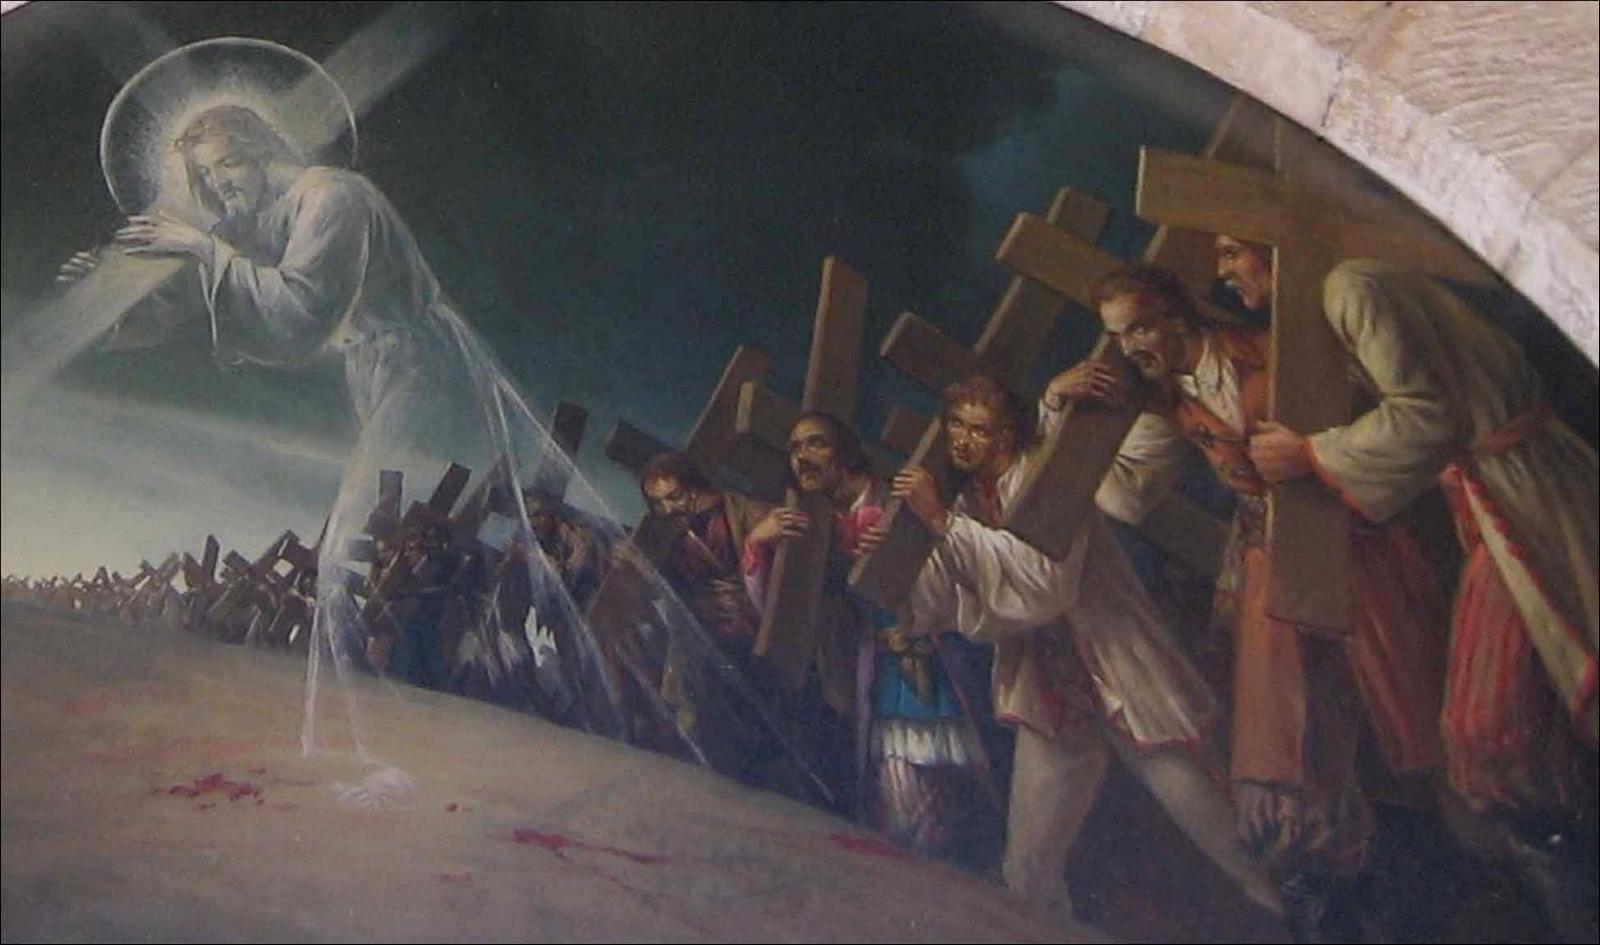 Las Últimas 7 Palabras de Jesucristo en la Cruz, para rezar el Viernes Santo